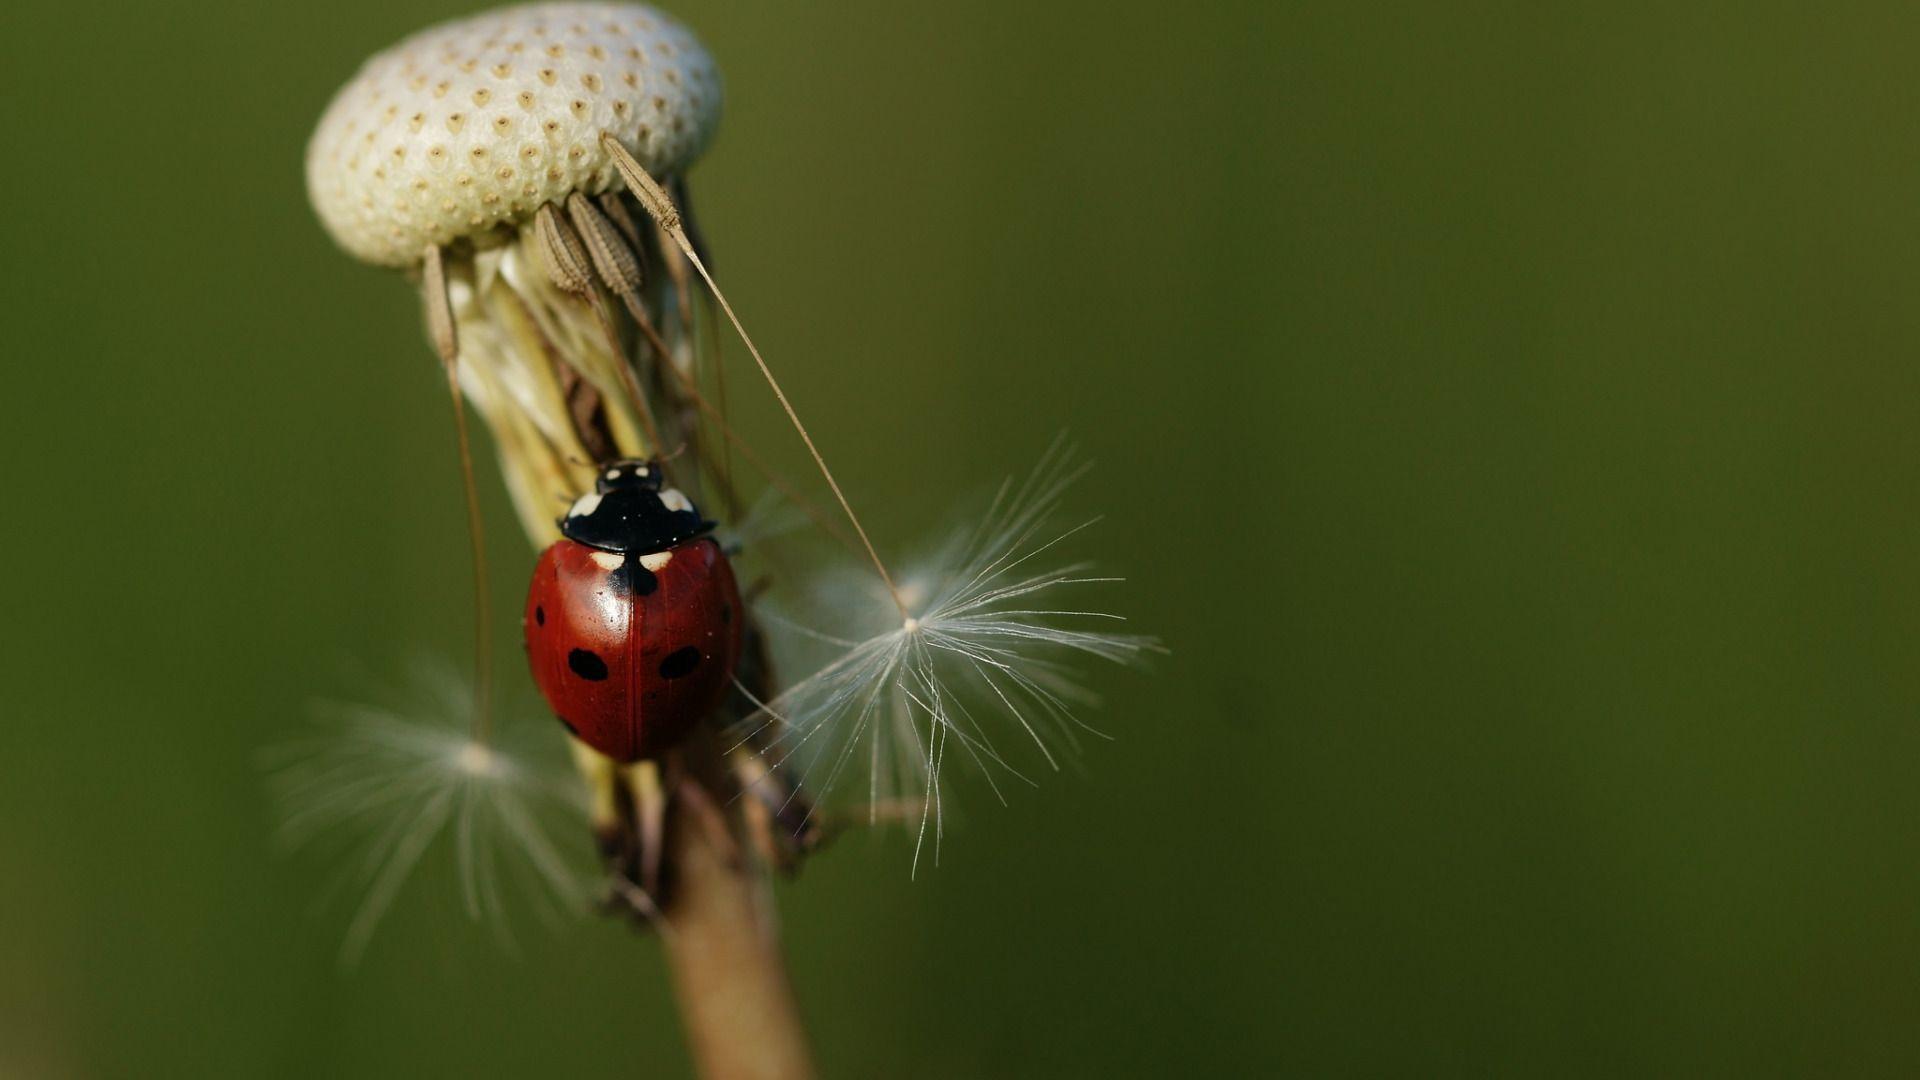 Wallpaper Dandelion With Ladybird